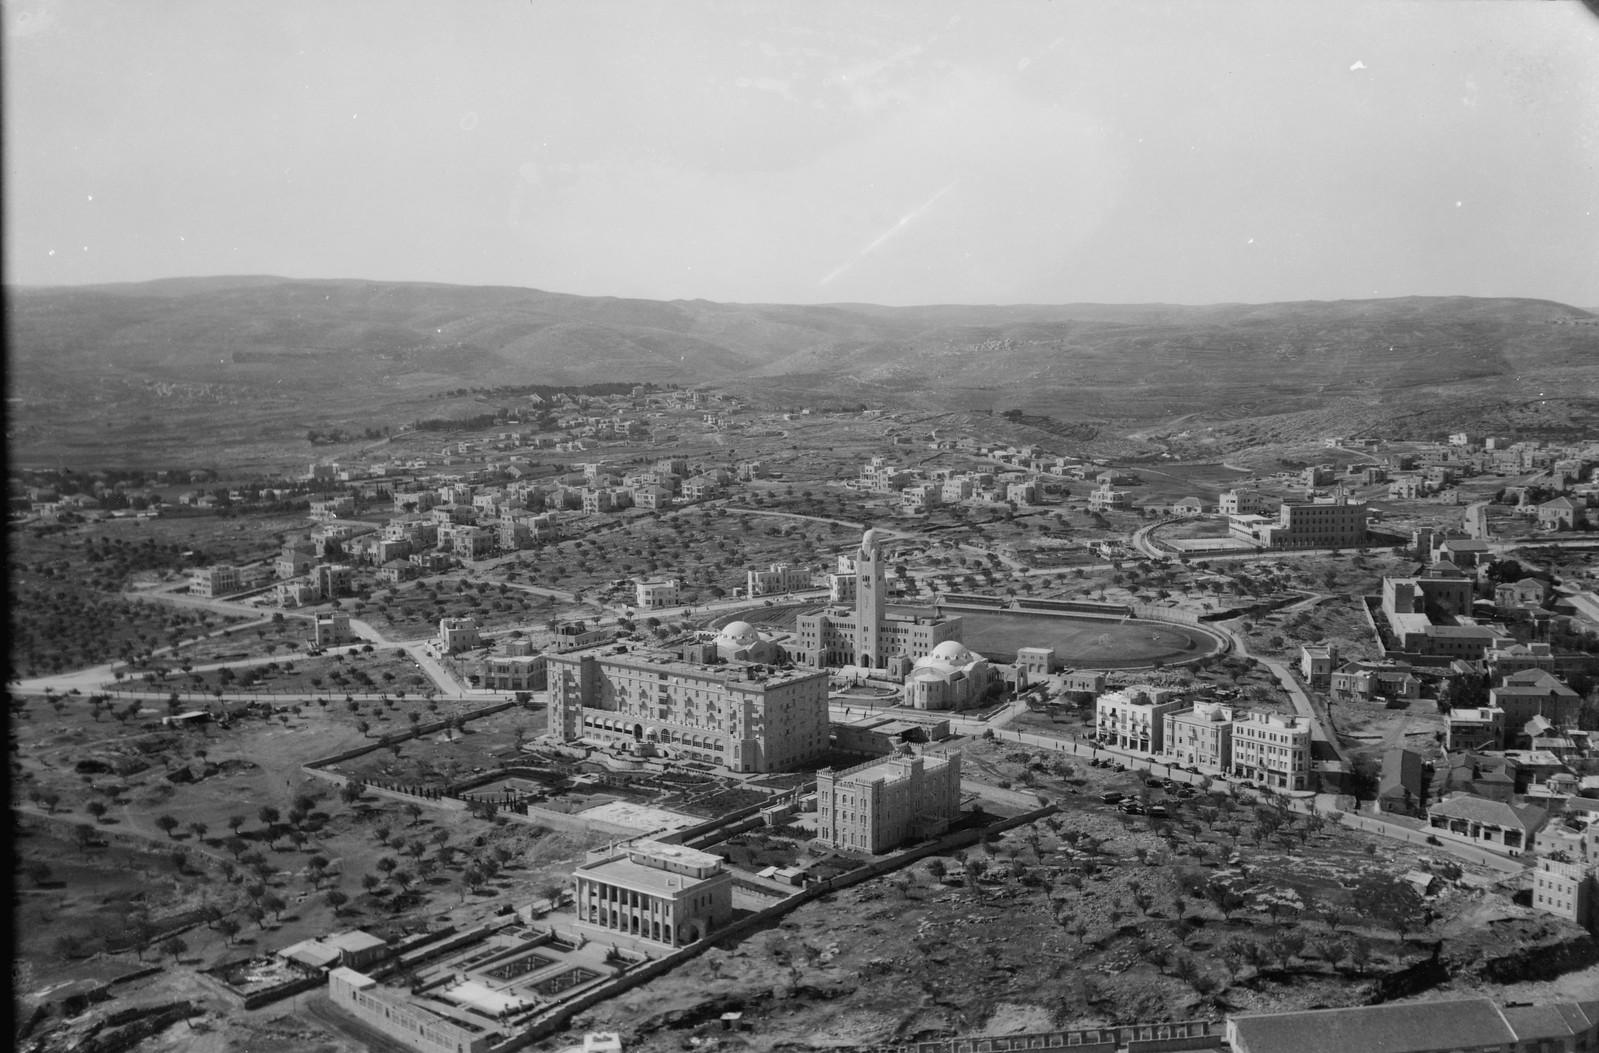 17. Иерусалим с воздуха. (Новый город). YMCA и отель King David. Вид на юго-запад. Генеральное консульство Франции и иезуитская семинария